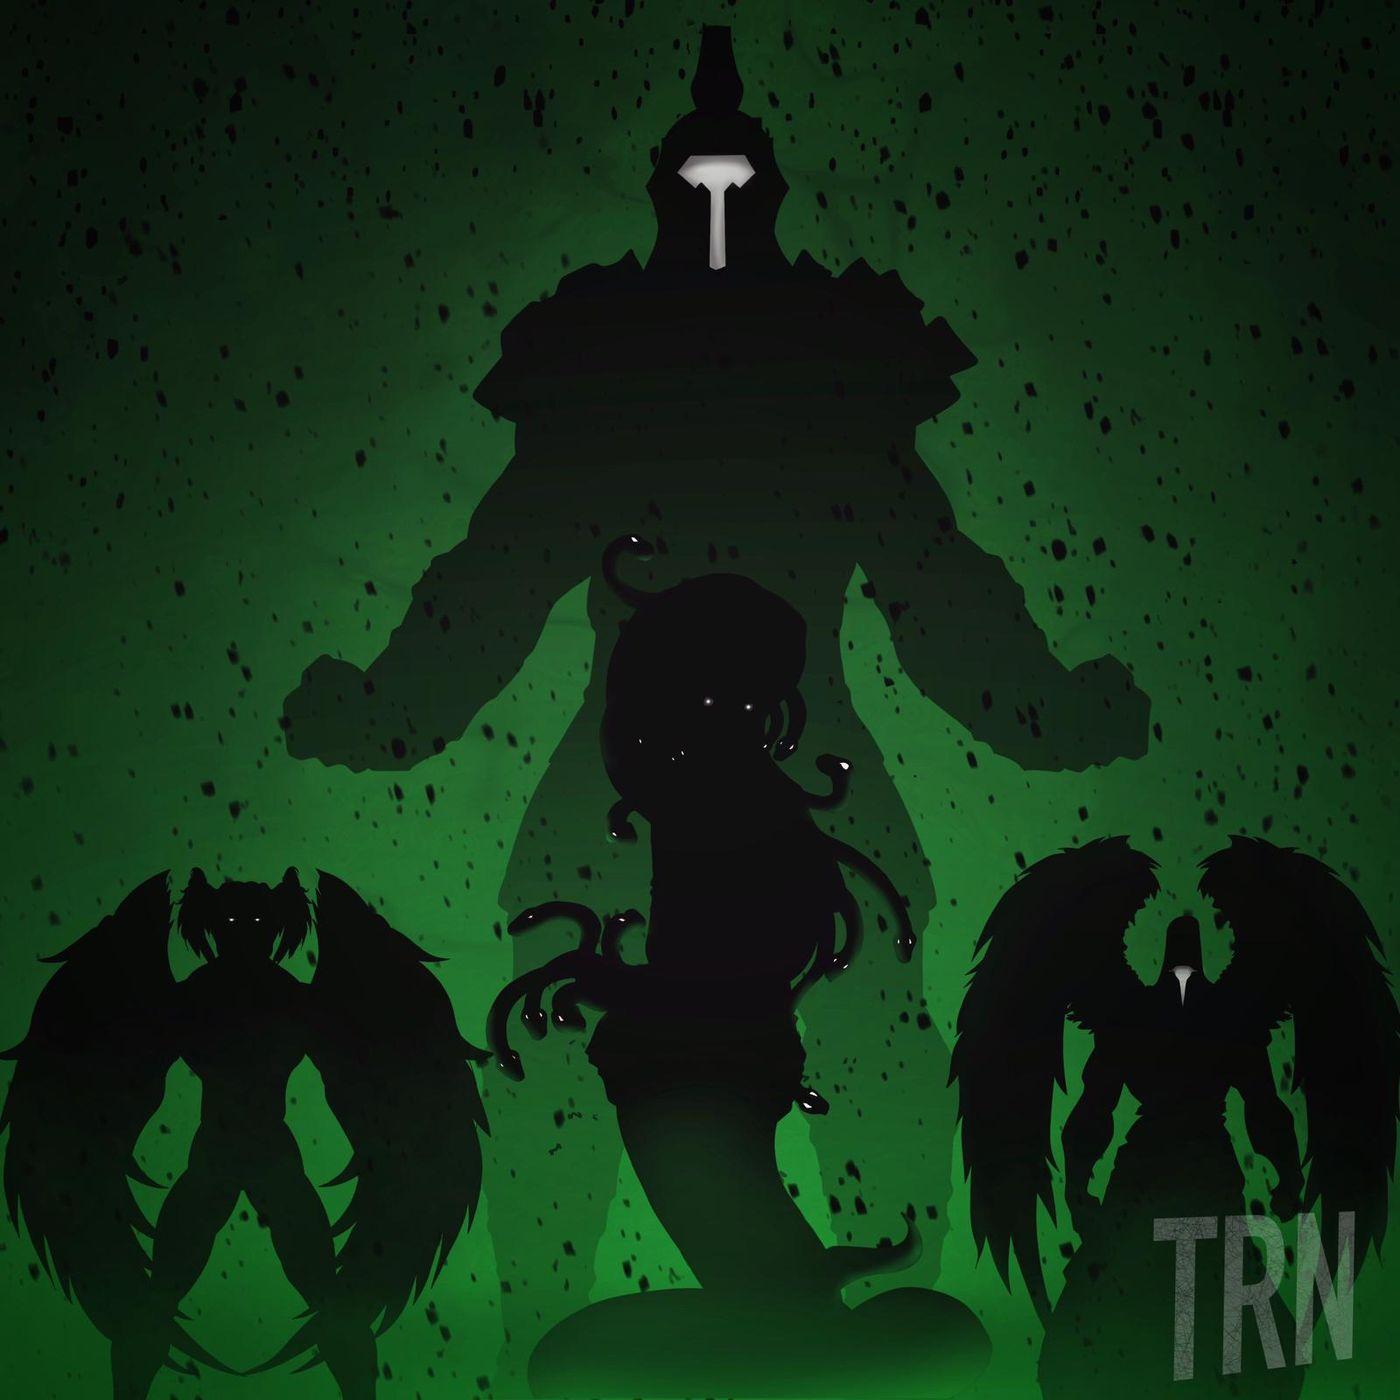 01x26- Mitología Griega, los dioses del miedo y la muerte: Hades, Fobos, Deimos, Enia, Tánatos y las Keres